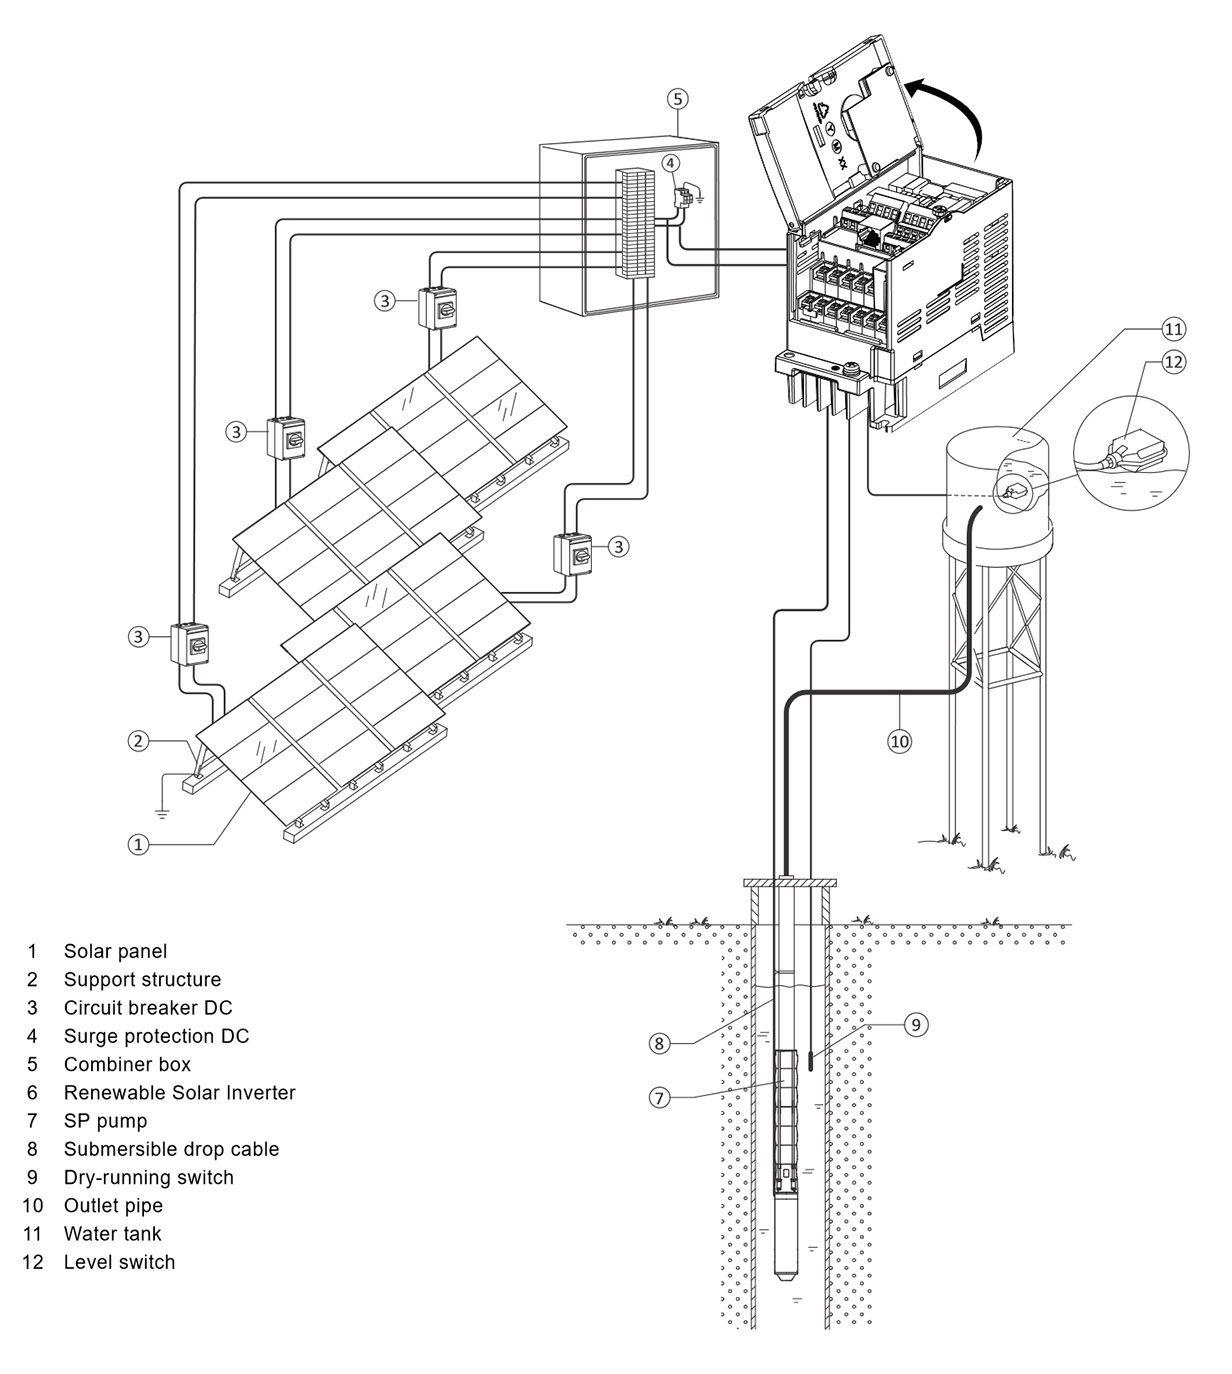 schneider electric - variateur de vitesse  u00e0  u00e9nergie solaire